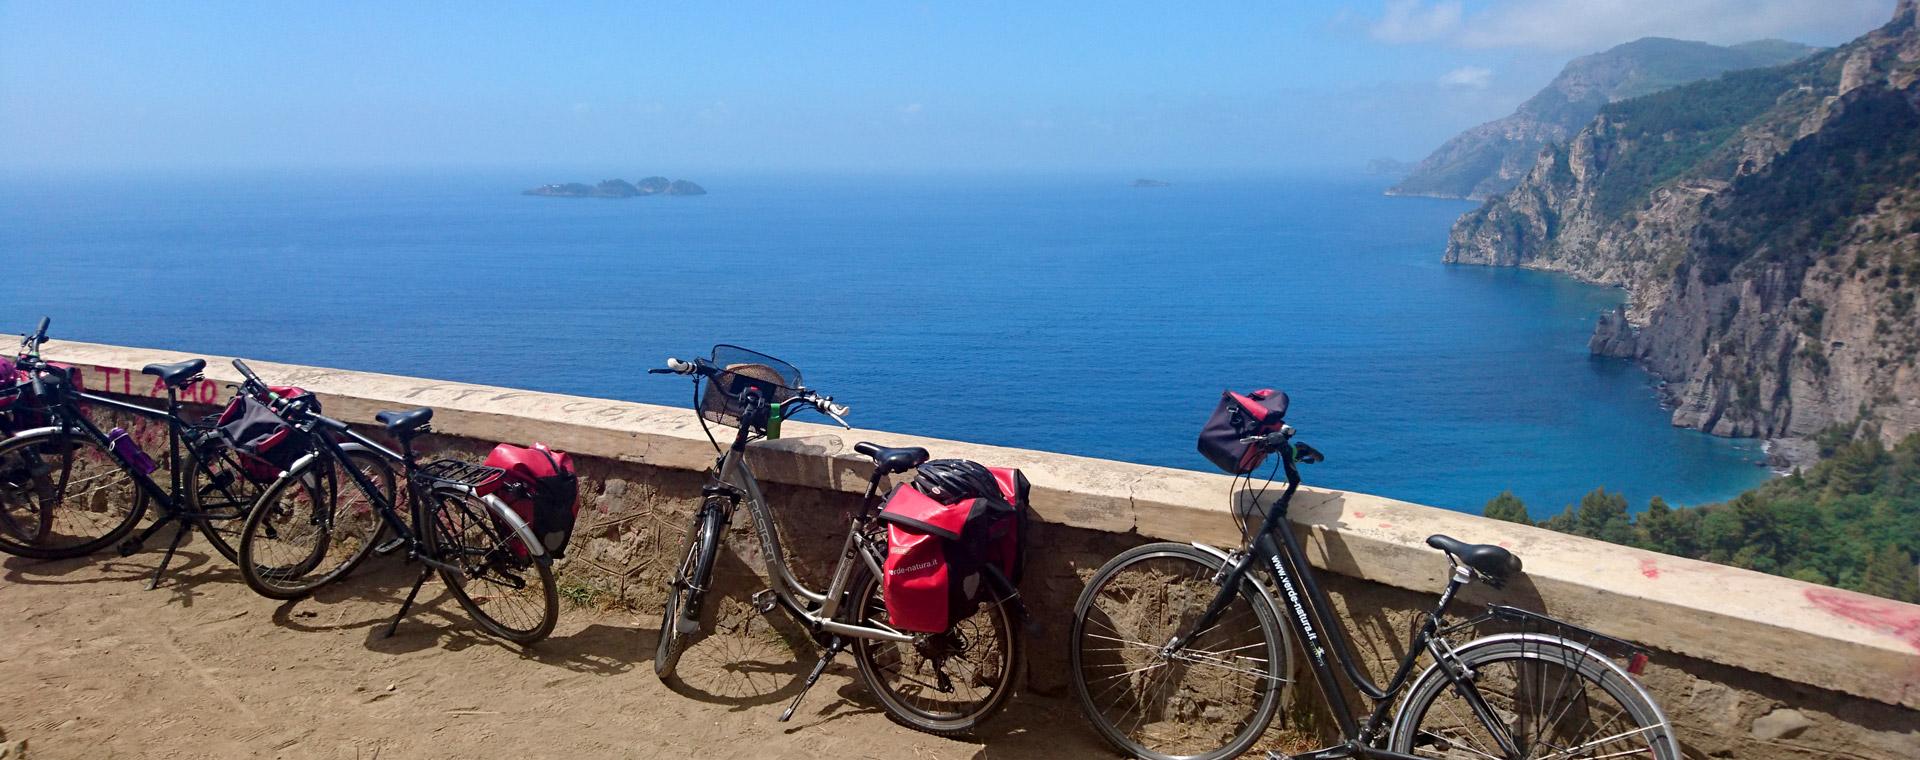 Image La Côte amalfitaine à vélo bateau